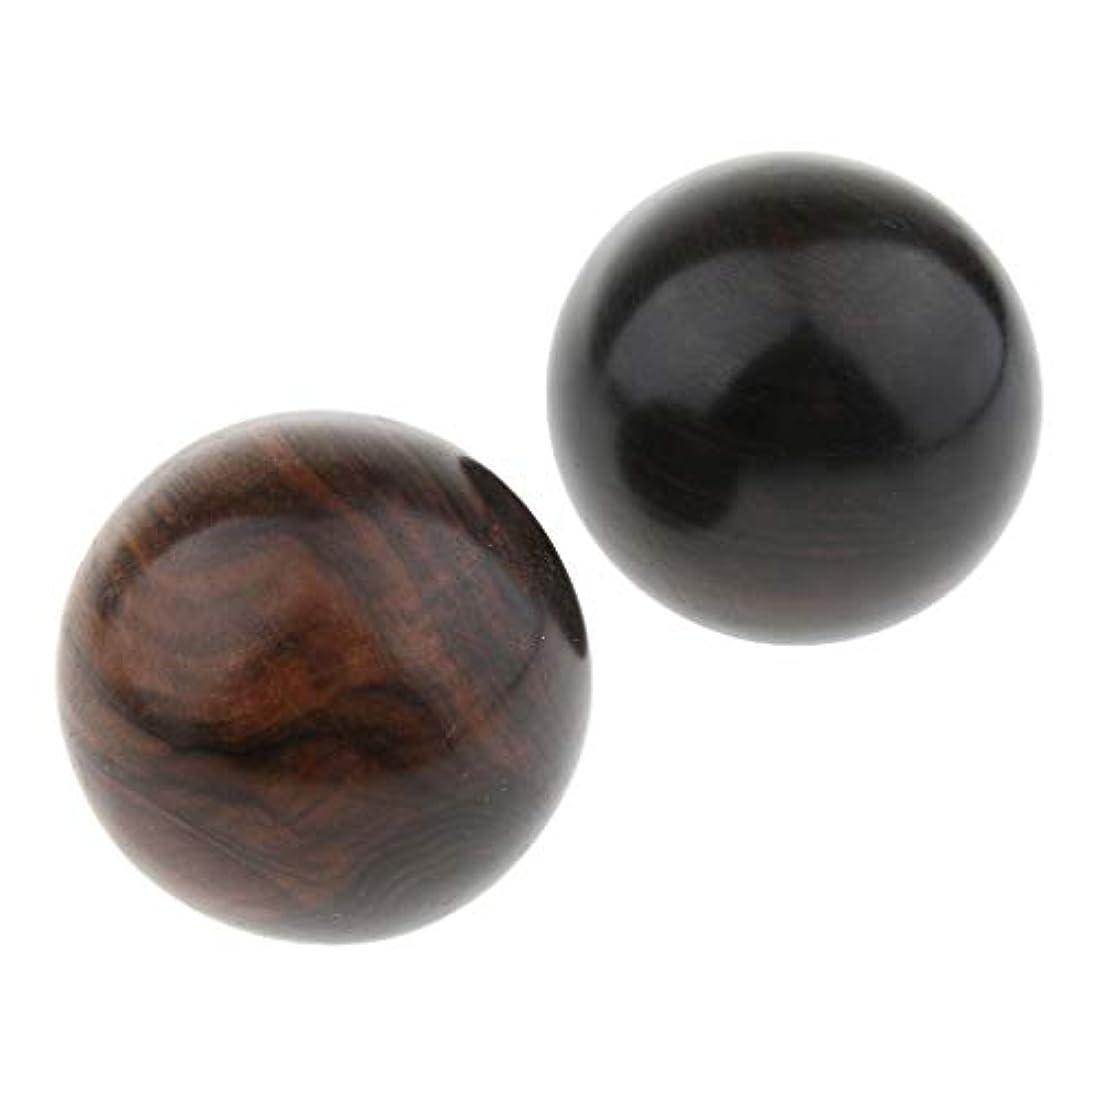 事業内容弾丸イースターハンドボール マッサージボール 木製 ストレス解消 運動 トリガーポイント 2個入